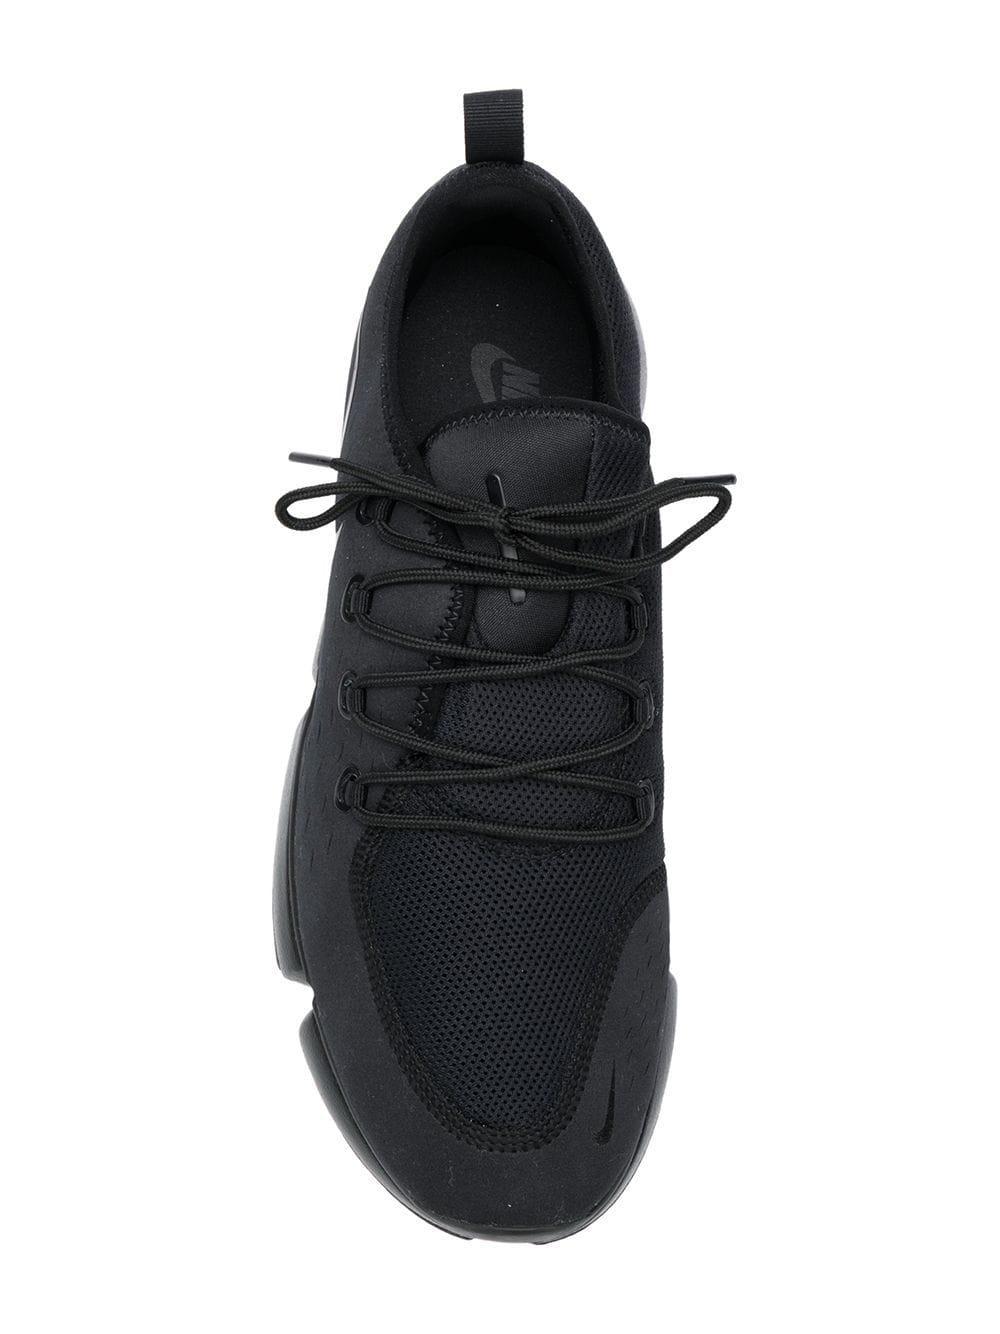 ea136697f3ba Lyst - Nike Pocket Fly Dm Sneakers in Black for Men